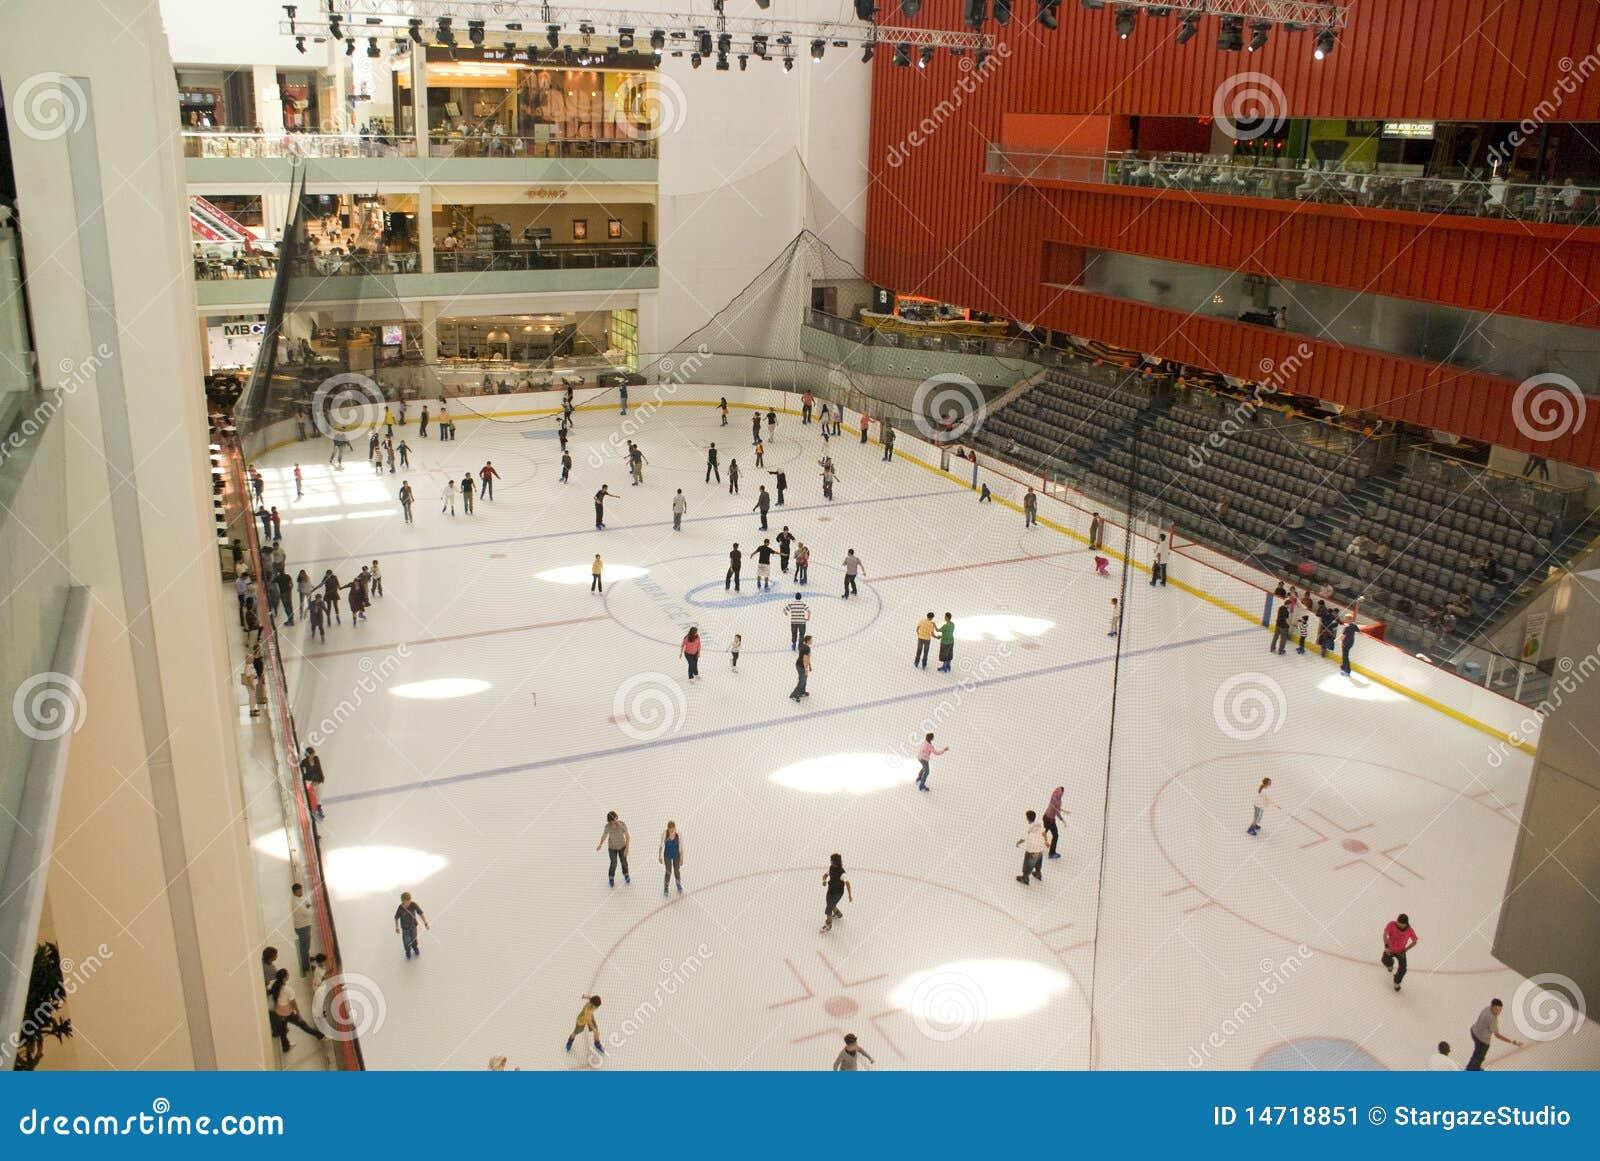 Pista de gelo da alameda de Dubai